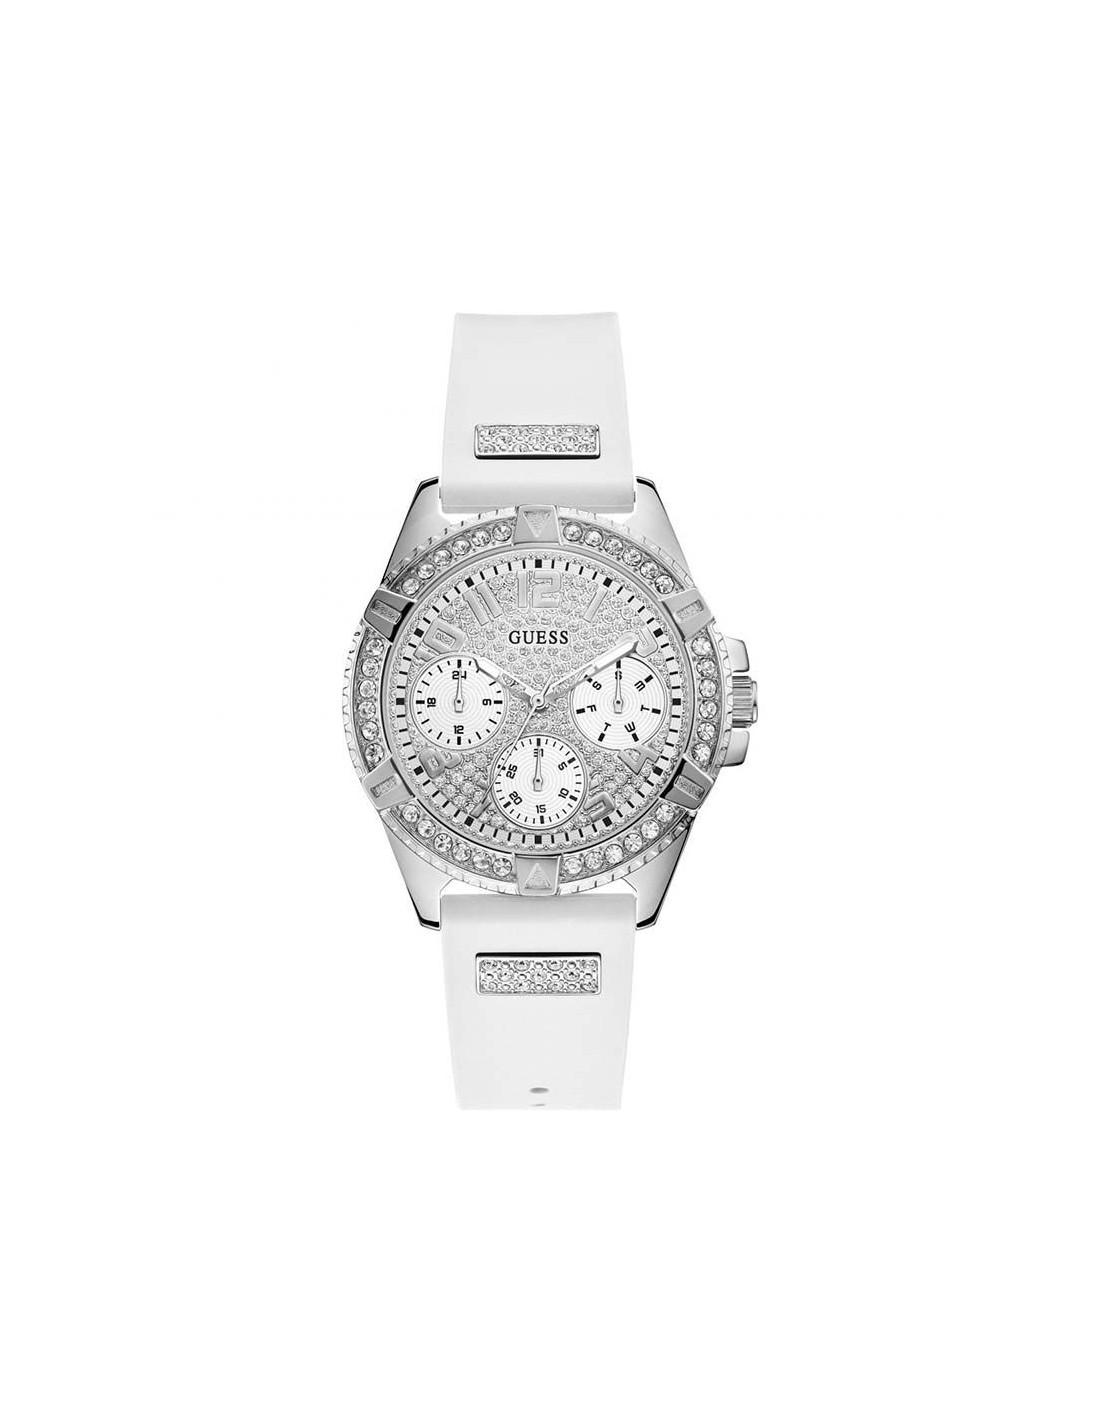 Plateado Y Reloj W1160l4 Guess Frontier Con Correa Blanca